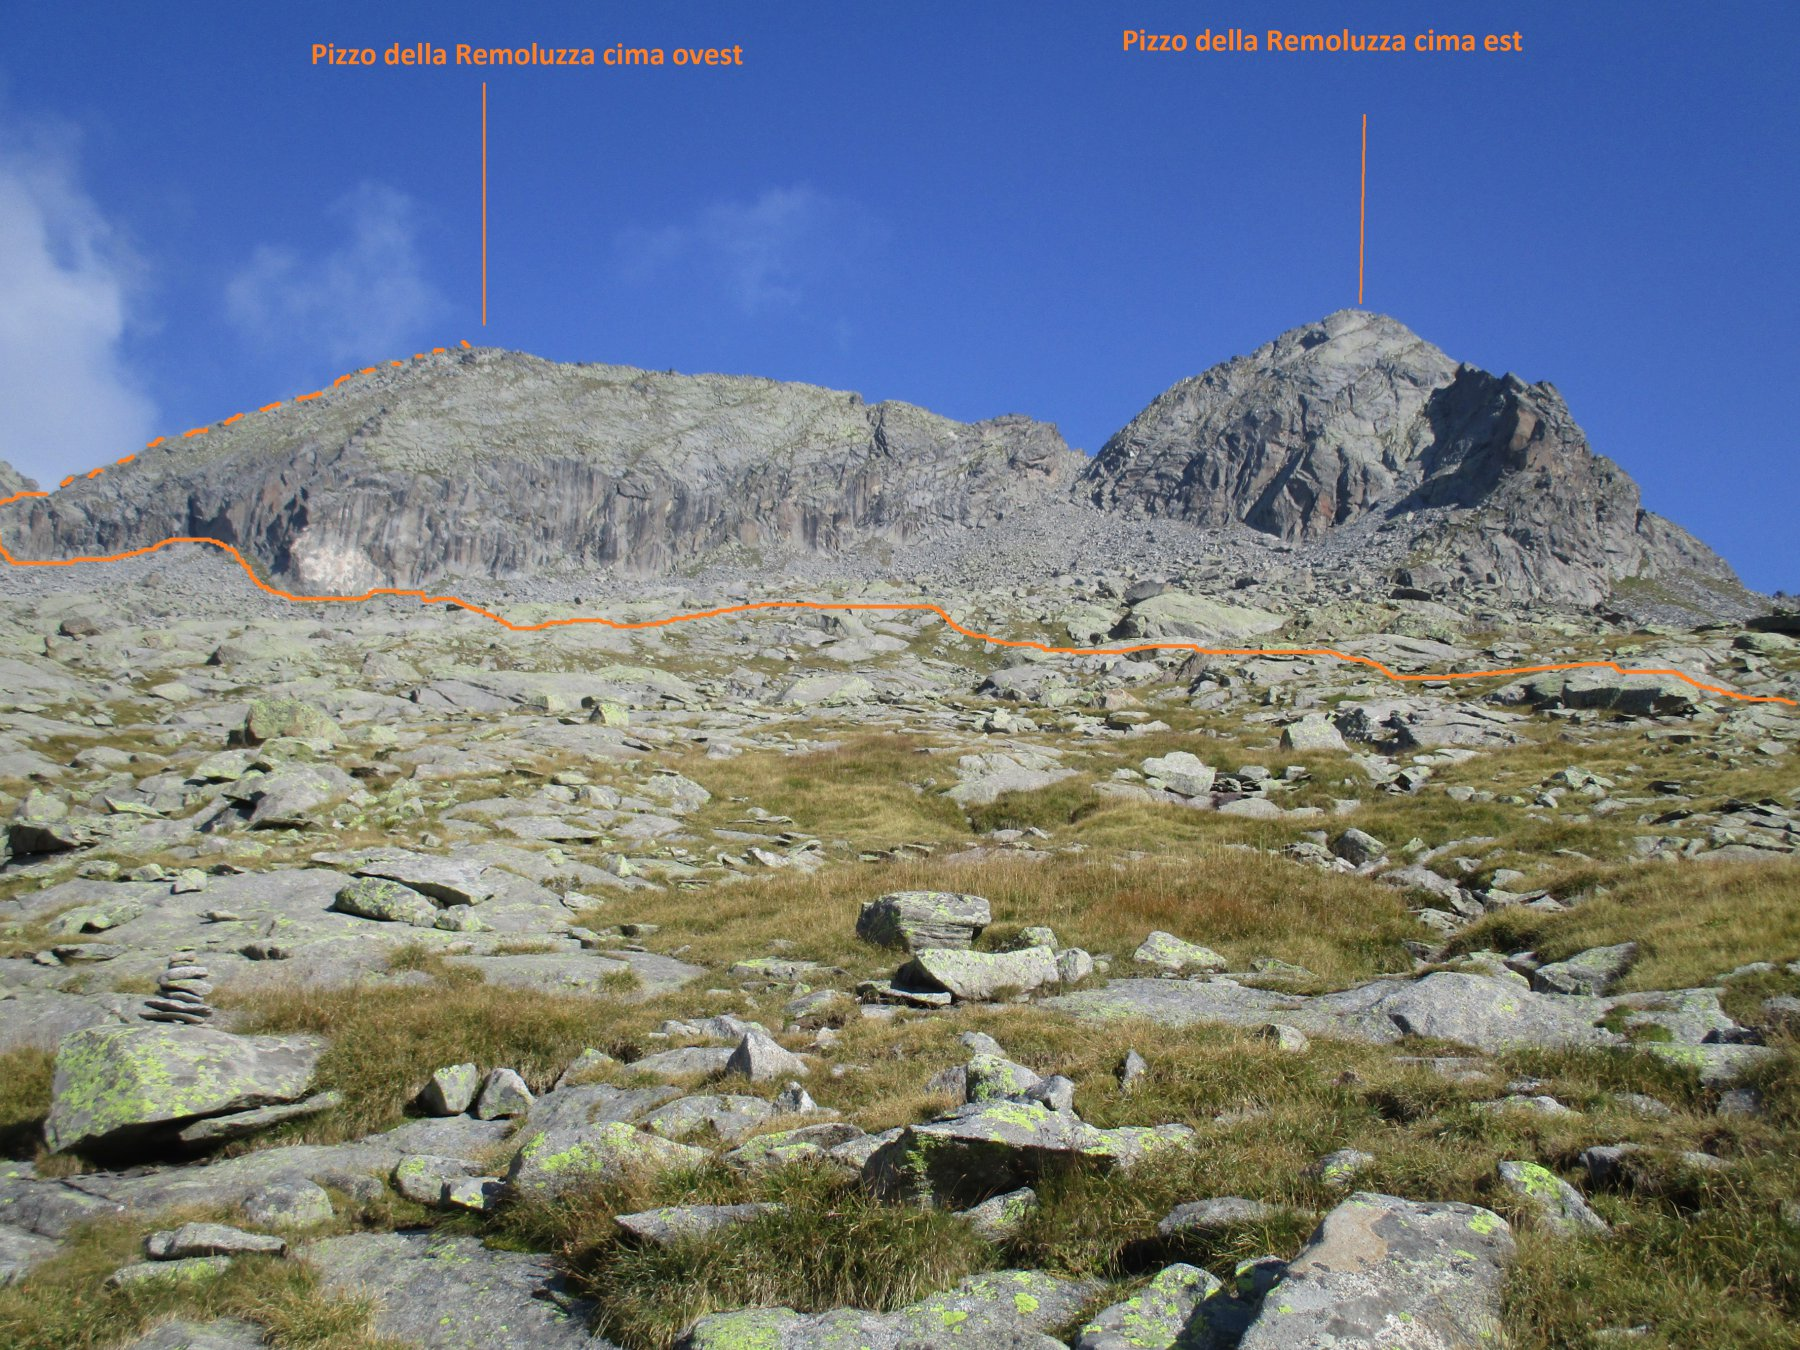 Remoluzza (Pizzo della), cima Ovest dall'Alpe di Preda Rossa per il Versante S e Cresta O 2017-08-25